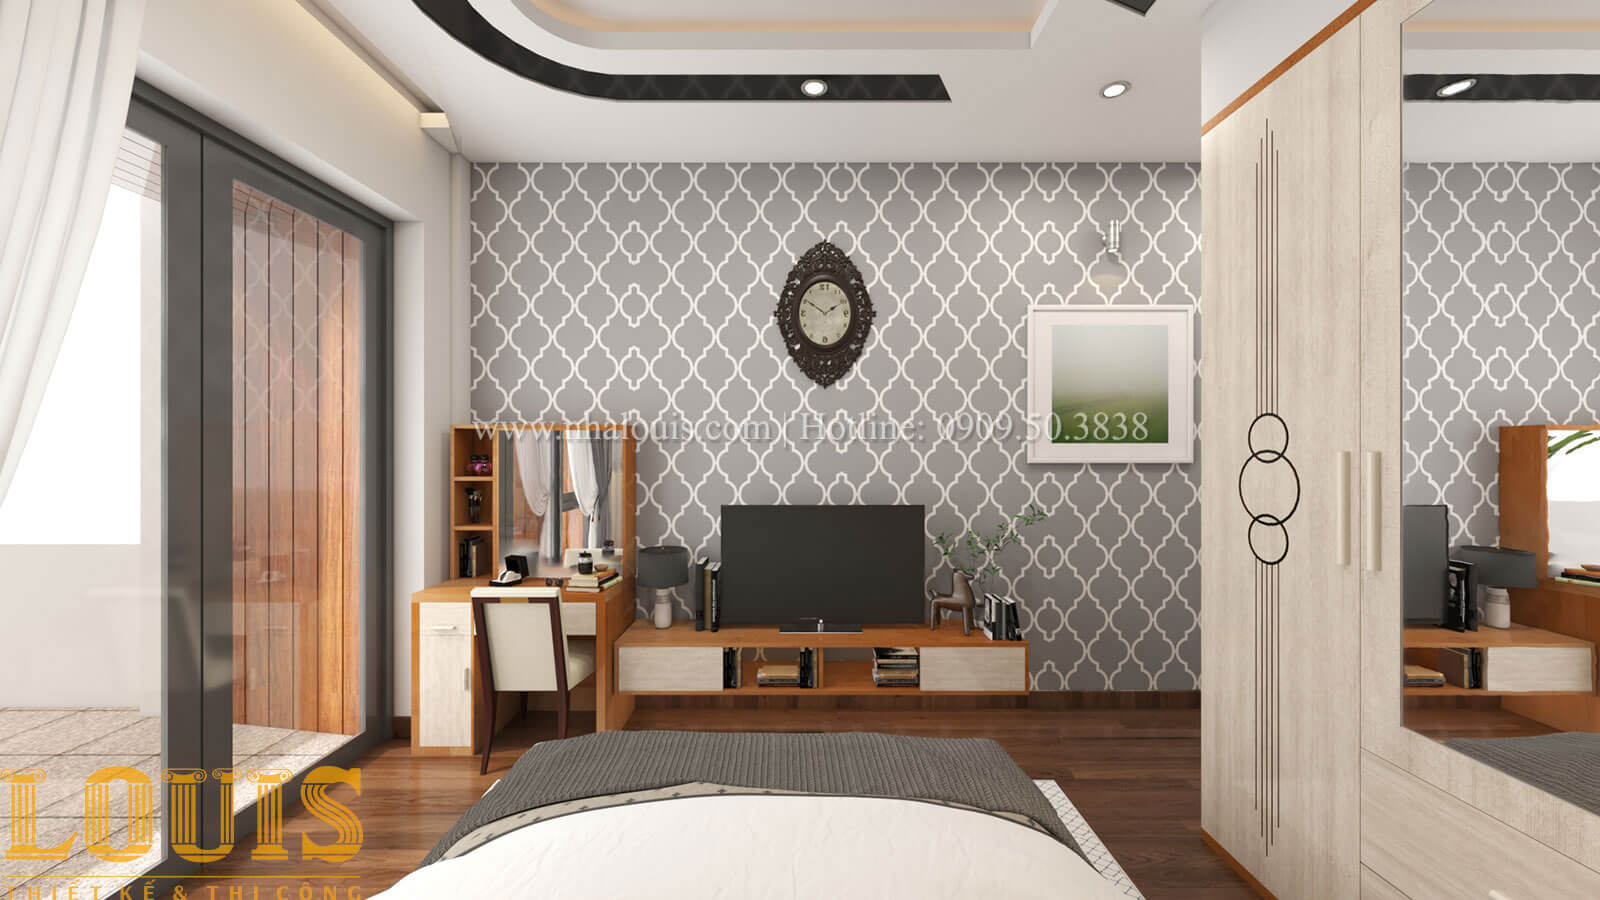 Phòng ngủ ông bà Mẫu nhà 5 tầng đẹp hiện đại với thiết kế tối giản tại Tân Bình - 17